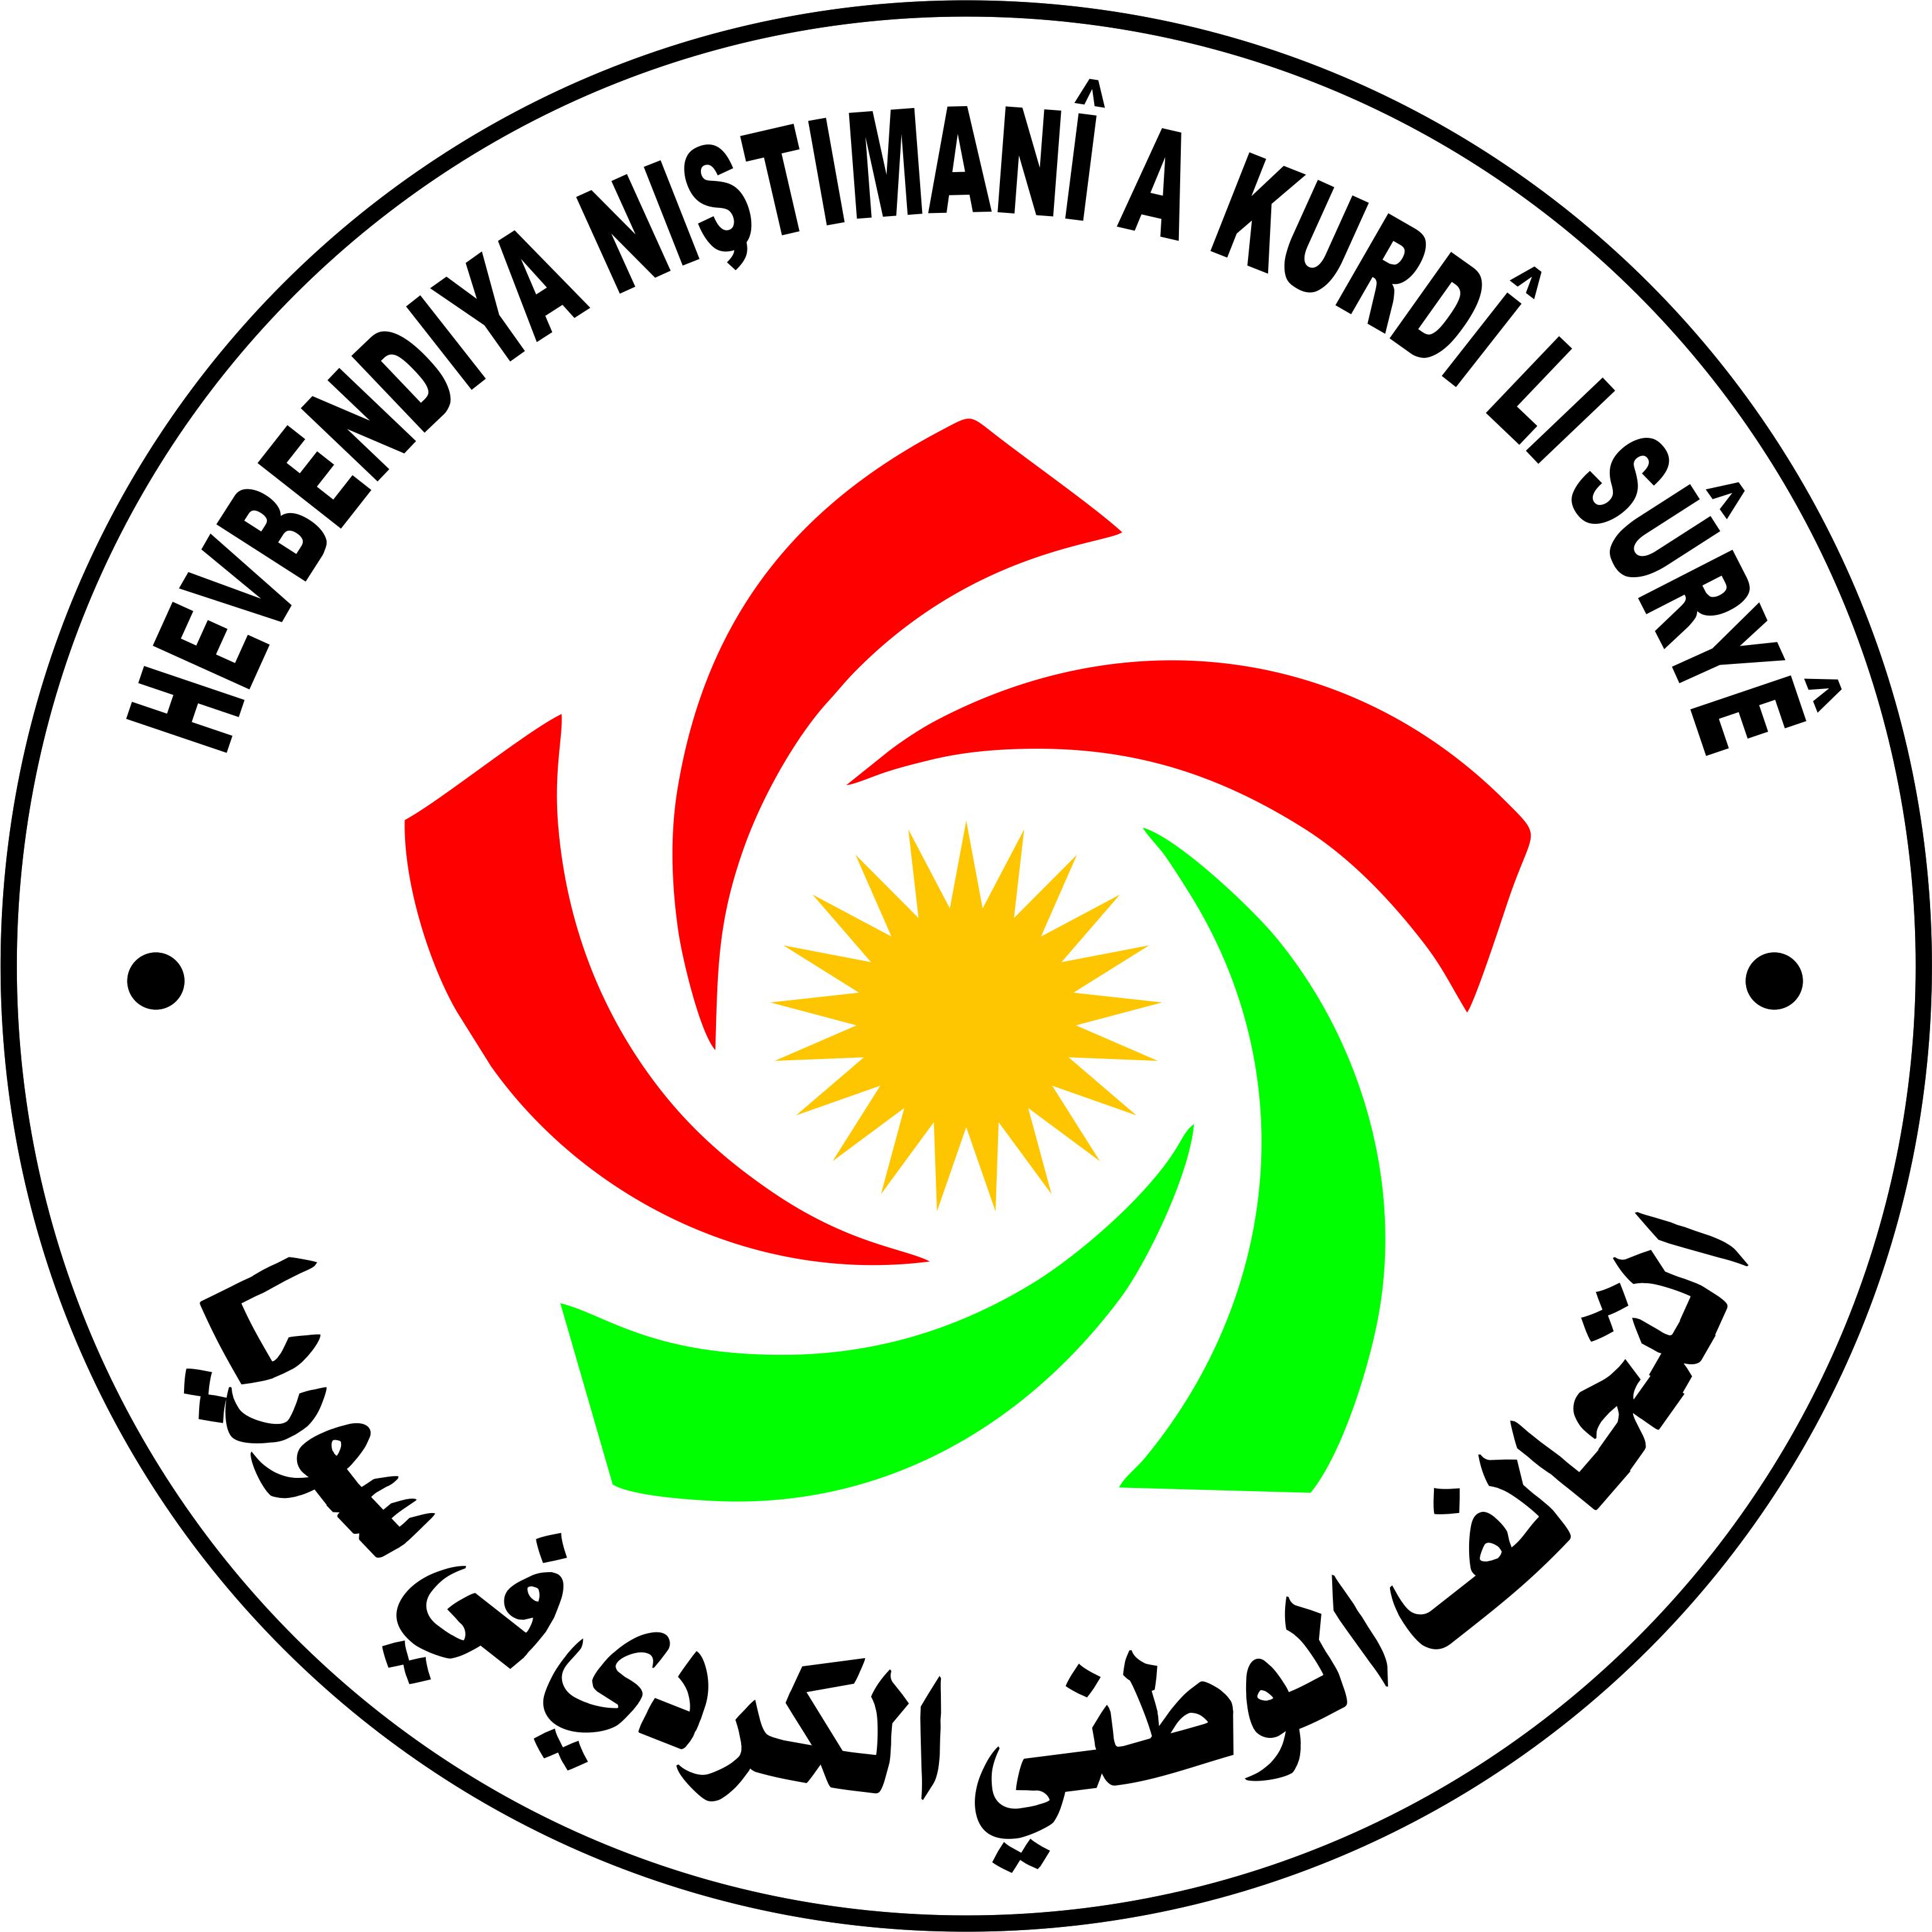 التحالف الوطني الكردي يدين الاعتداءات الإرهابية على الشيخ مقصود